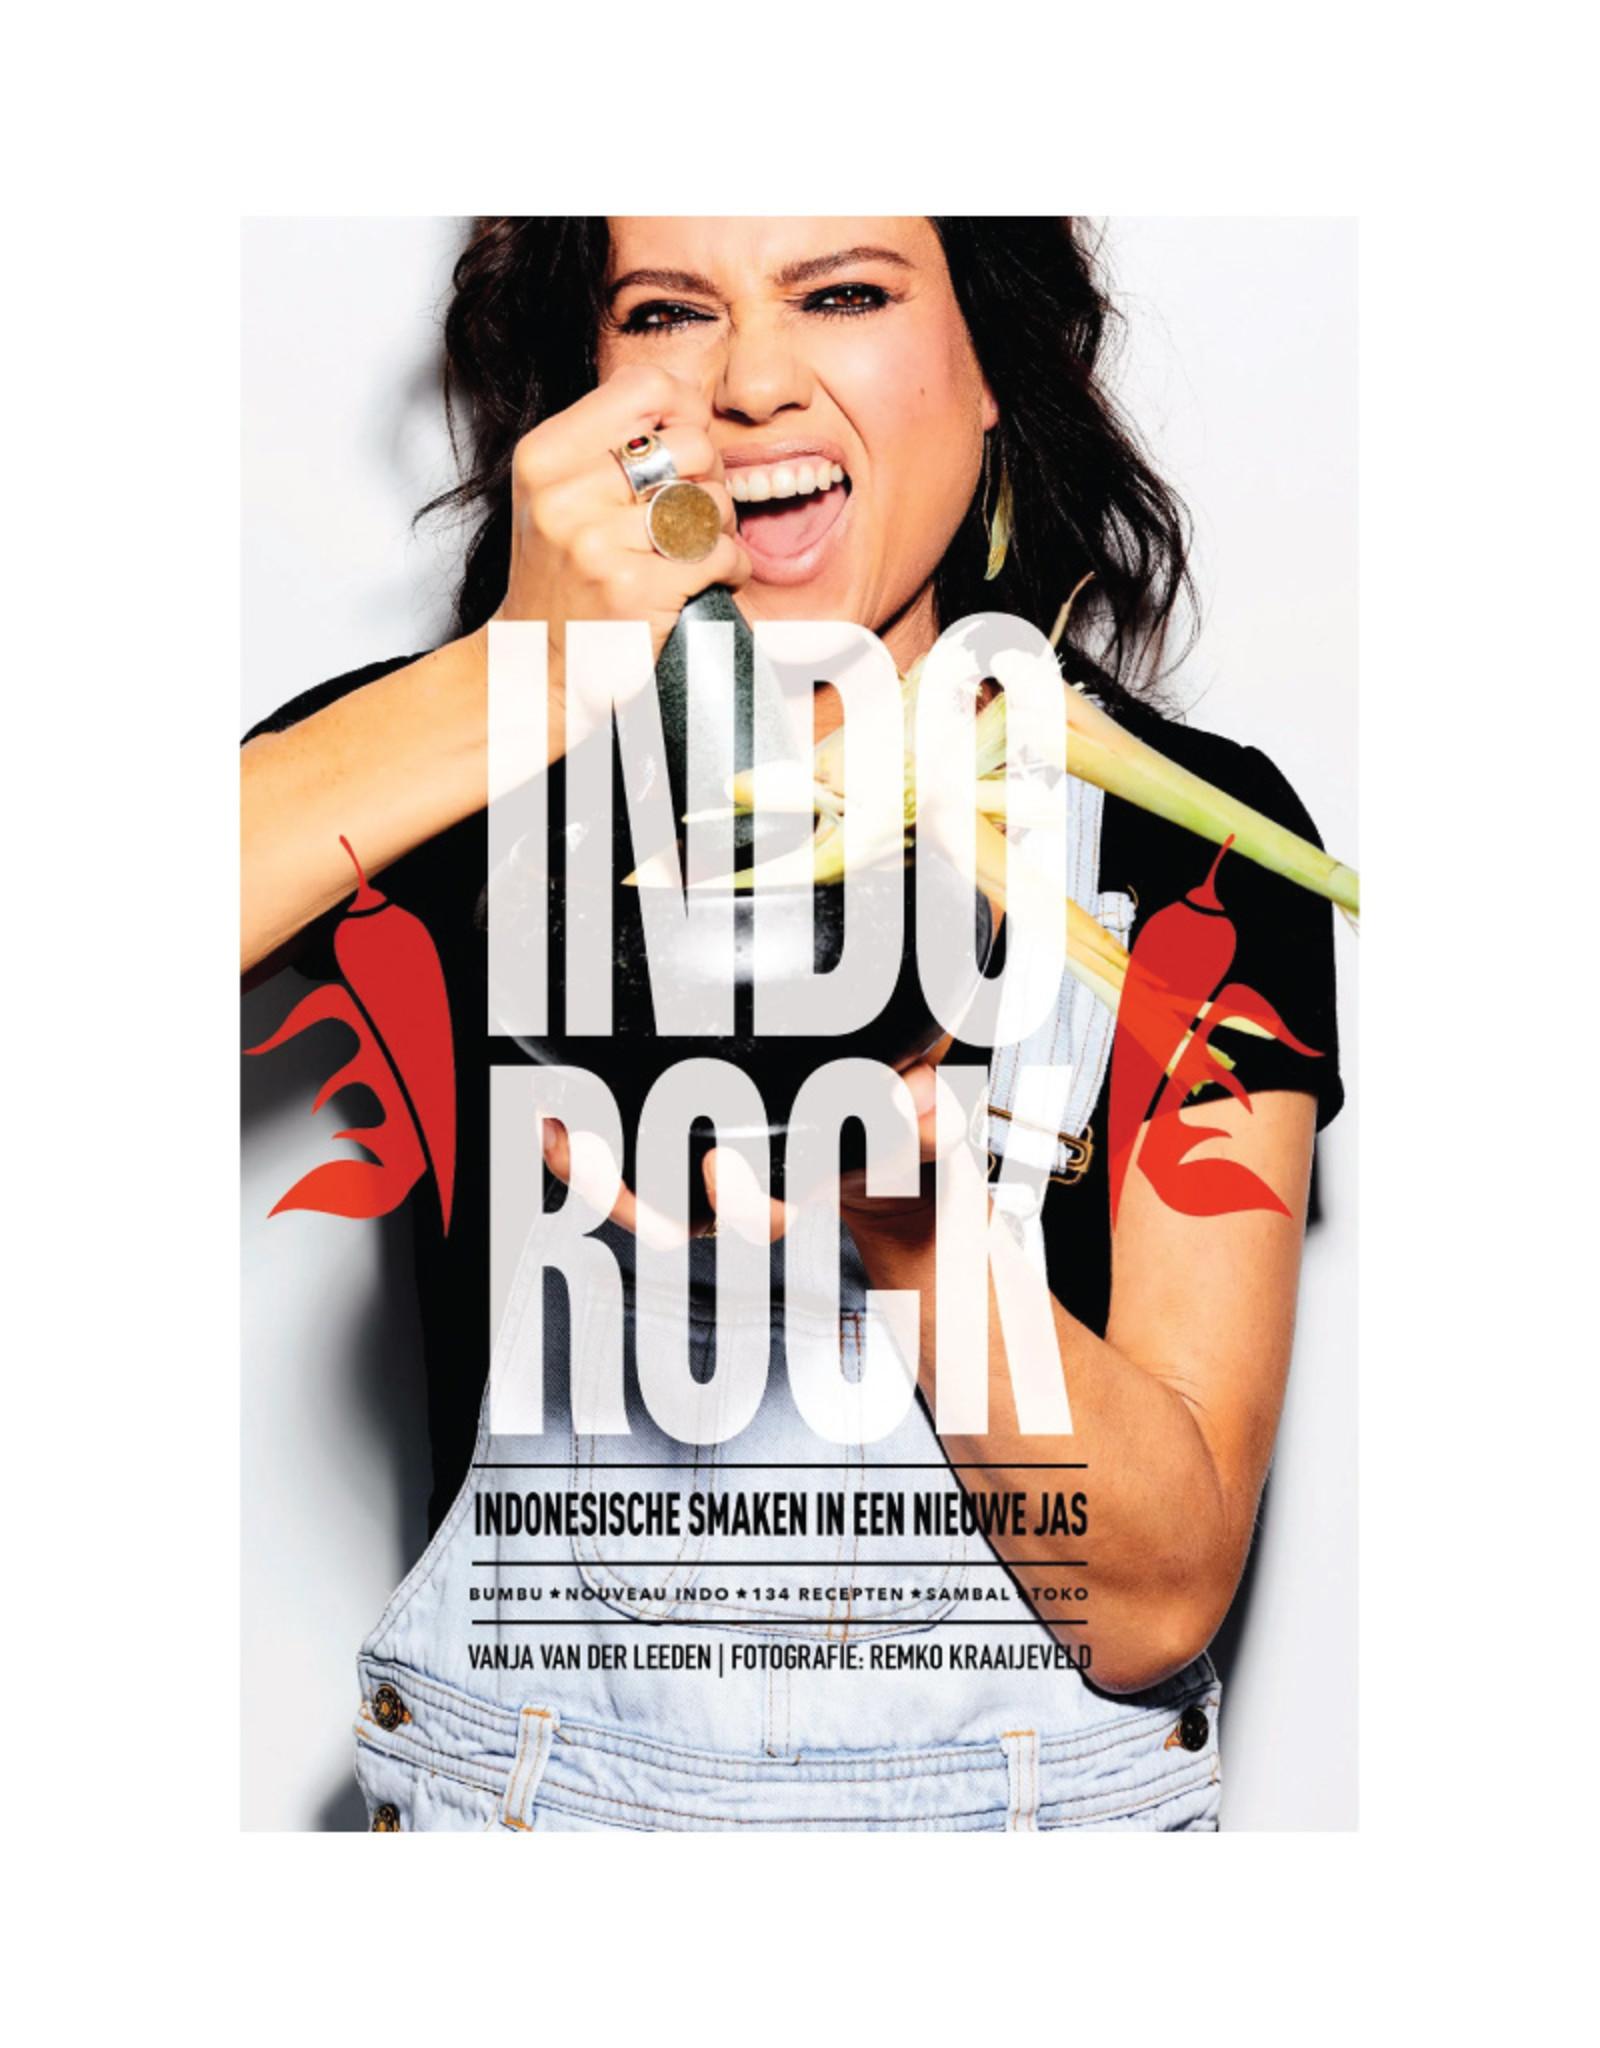 Vanja van der Leeden Indorock